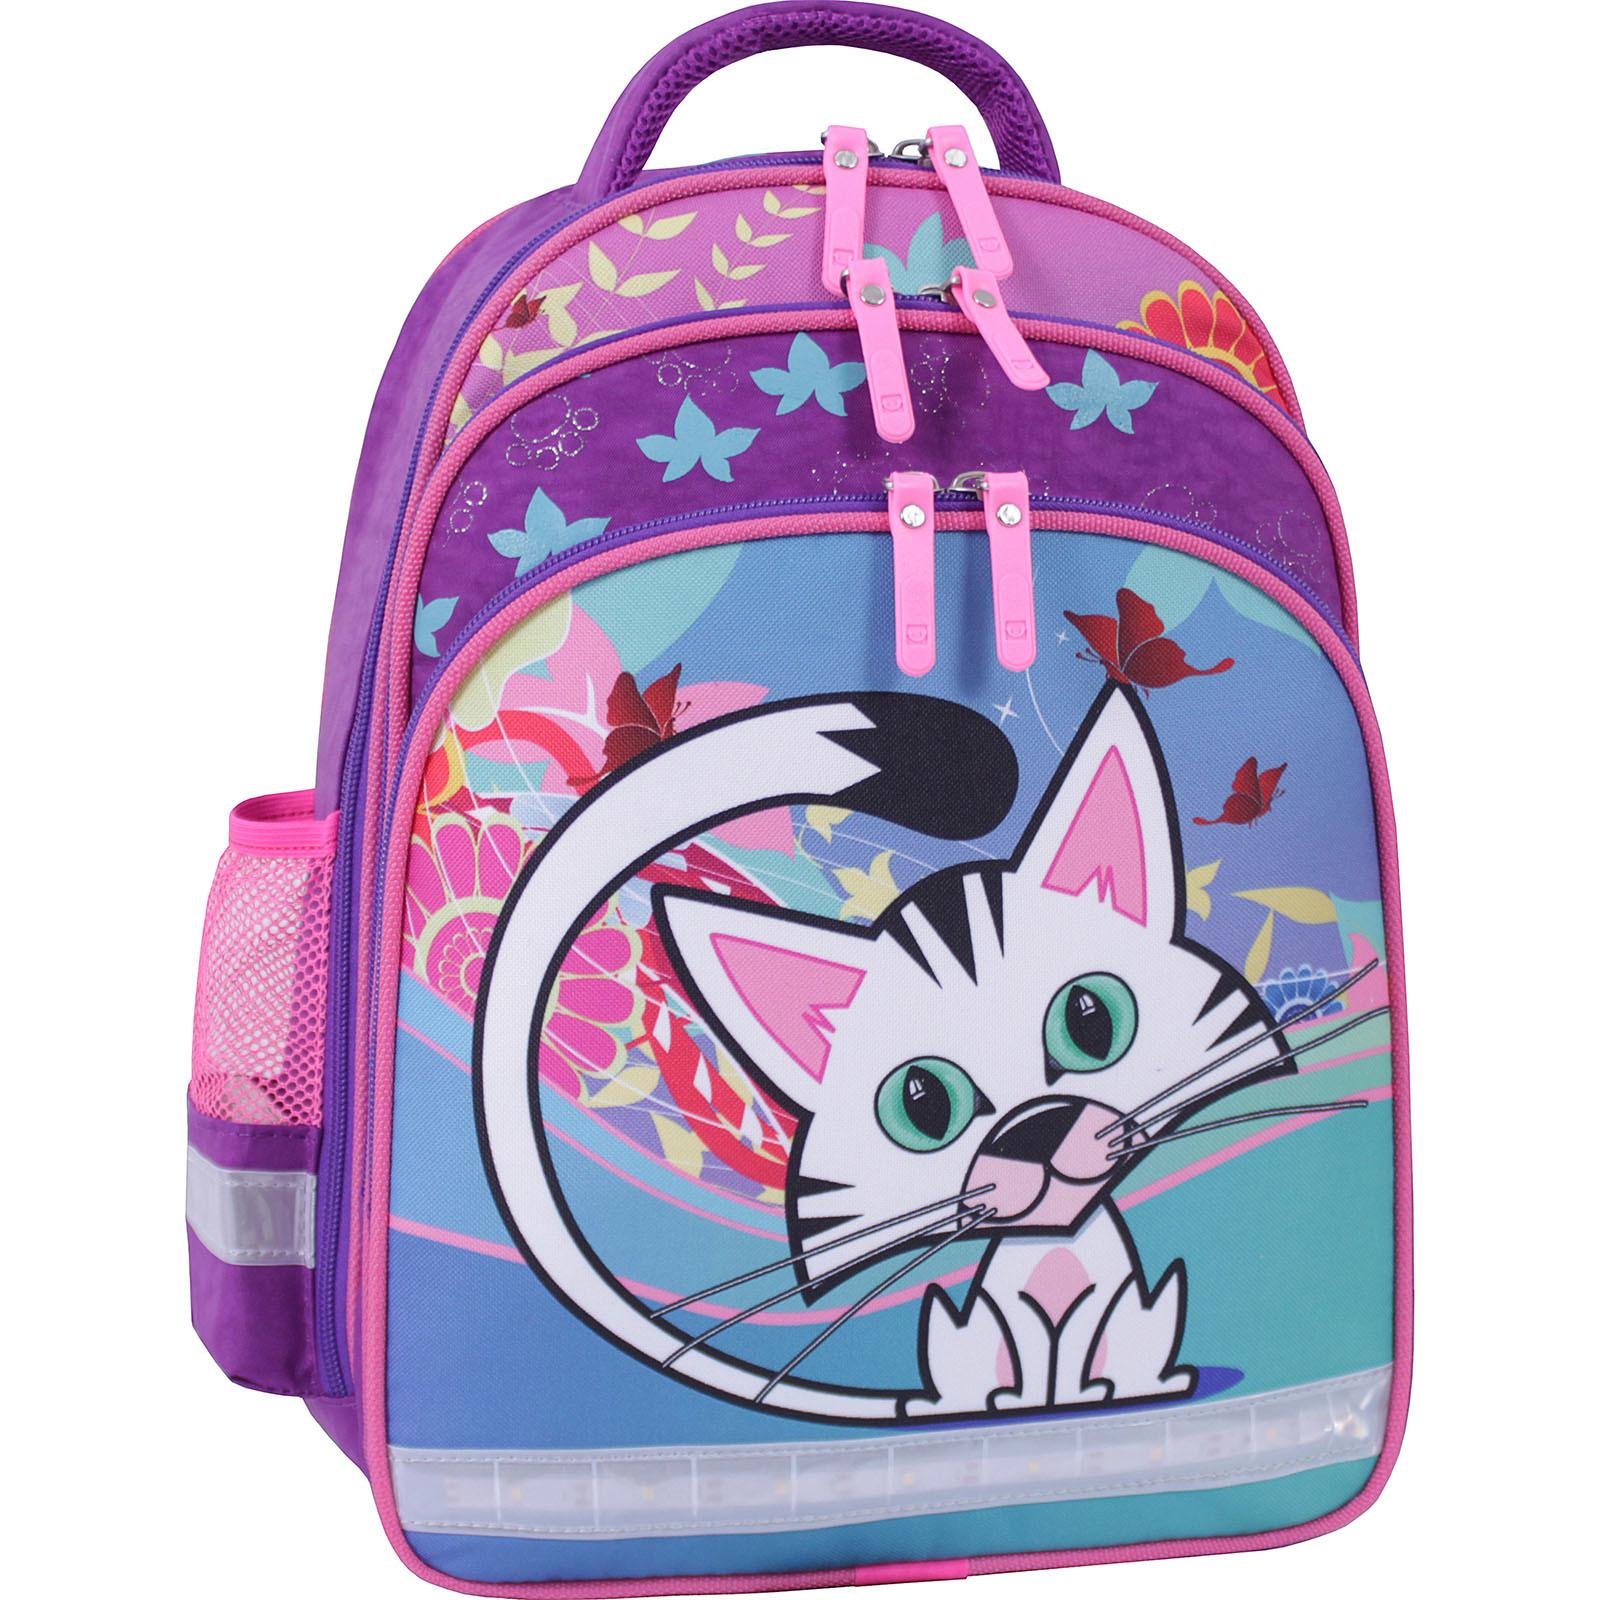 Рюкзак школьный Bagland Mouse 339 фиолетовый 502 (0051370) фото 1